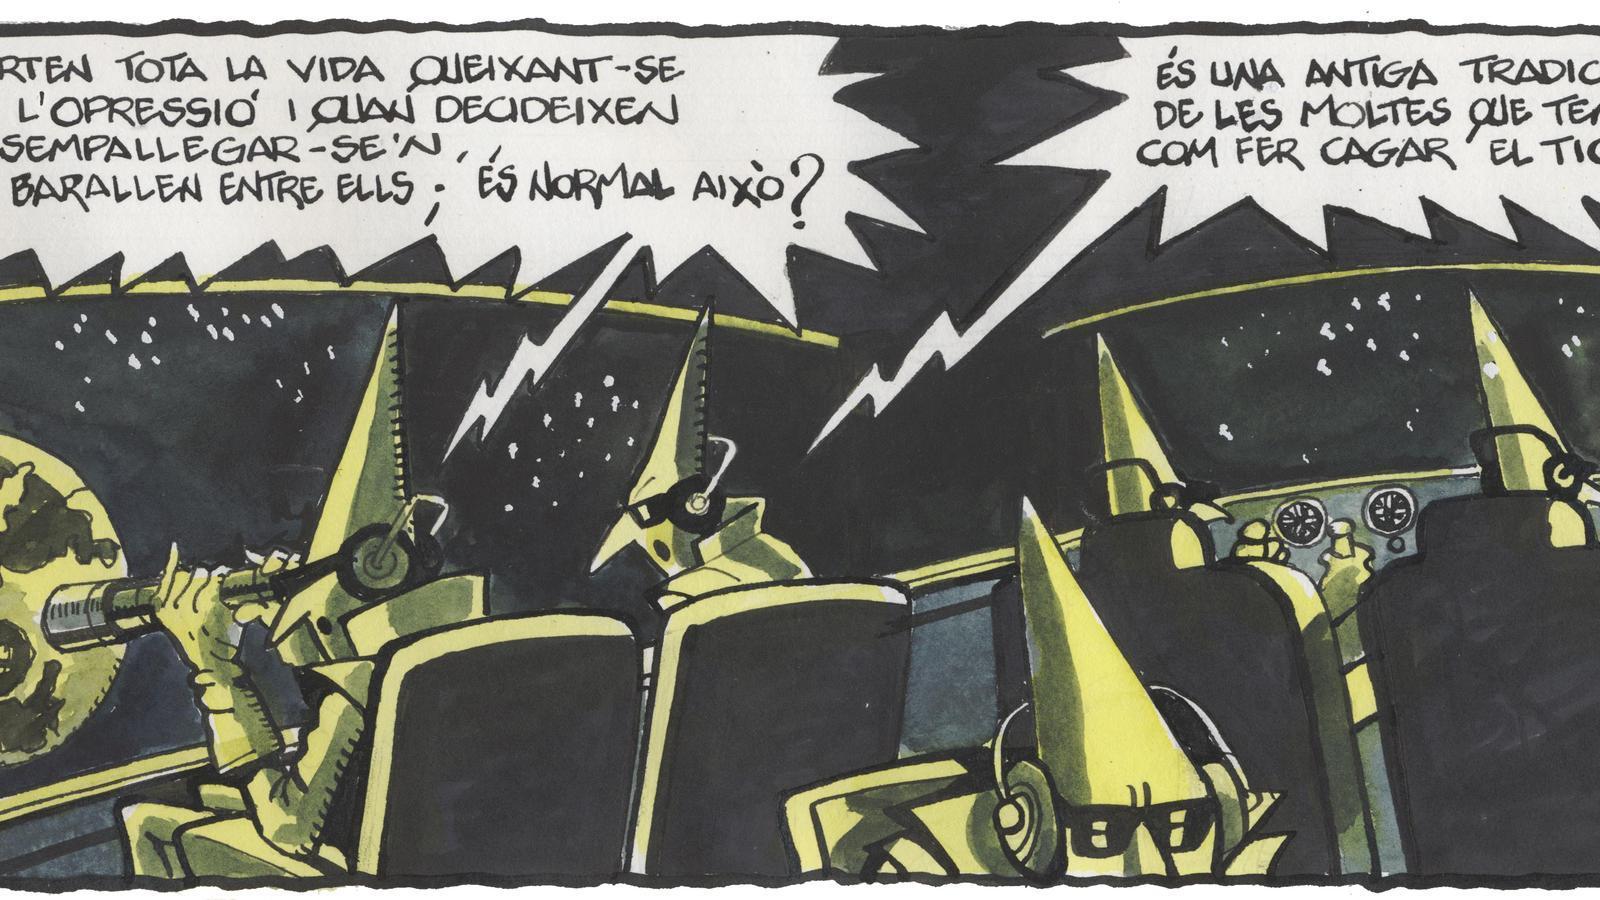 'A la contra', per Ferreres 03/03/2020